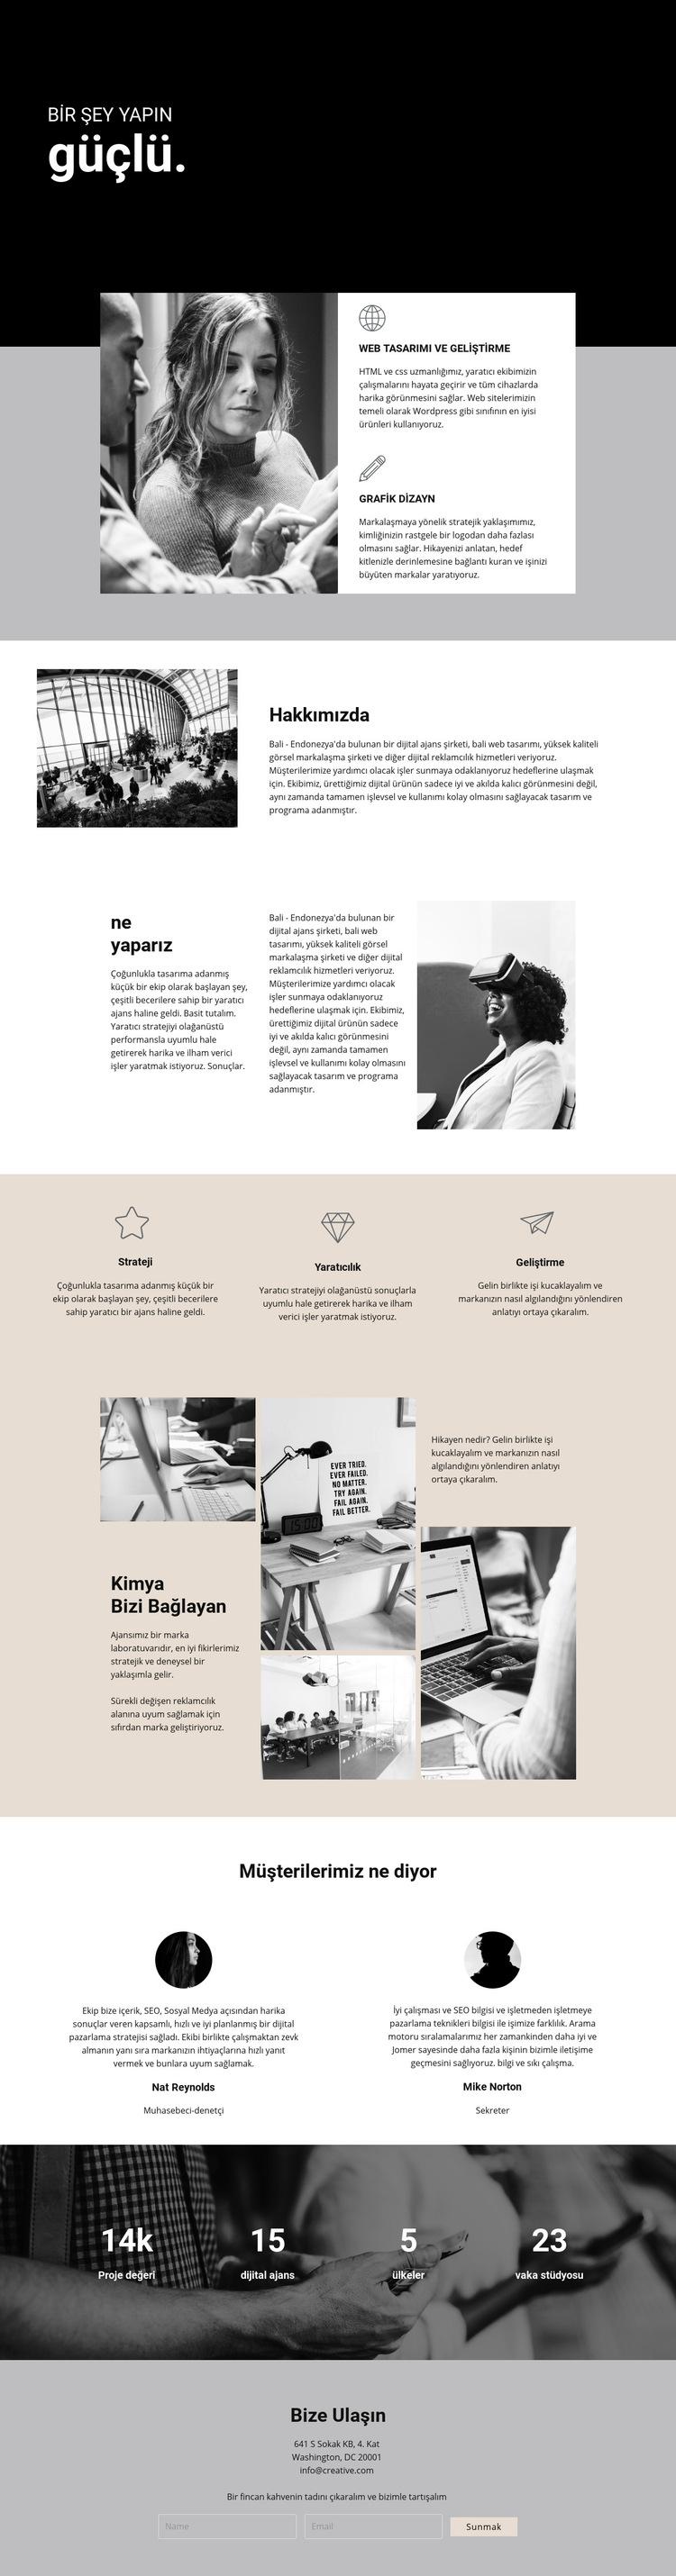 Dijital işin gücü Web Sitesi Şablonu